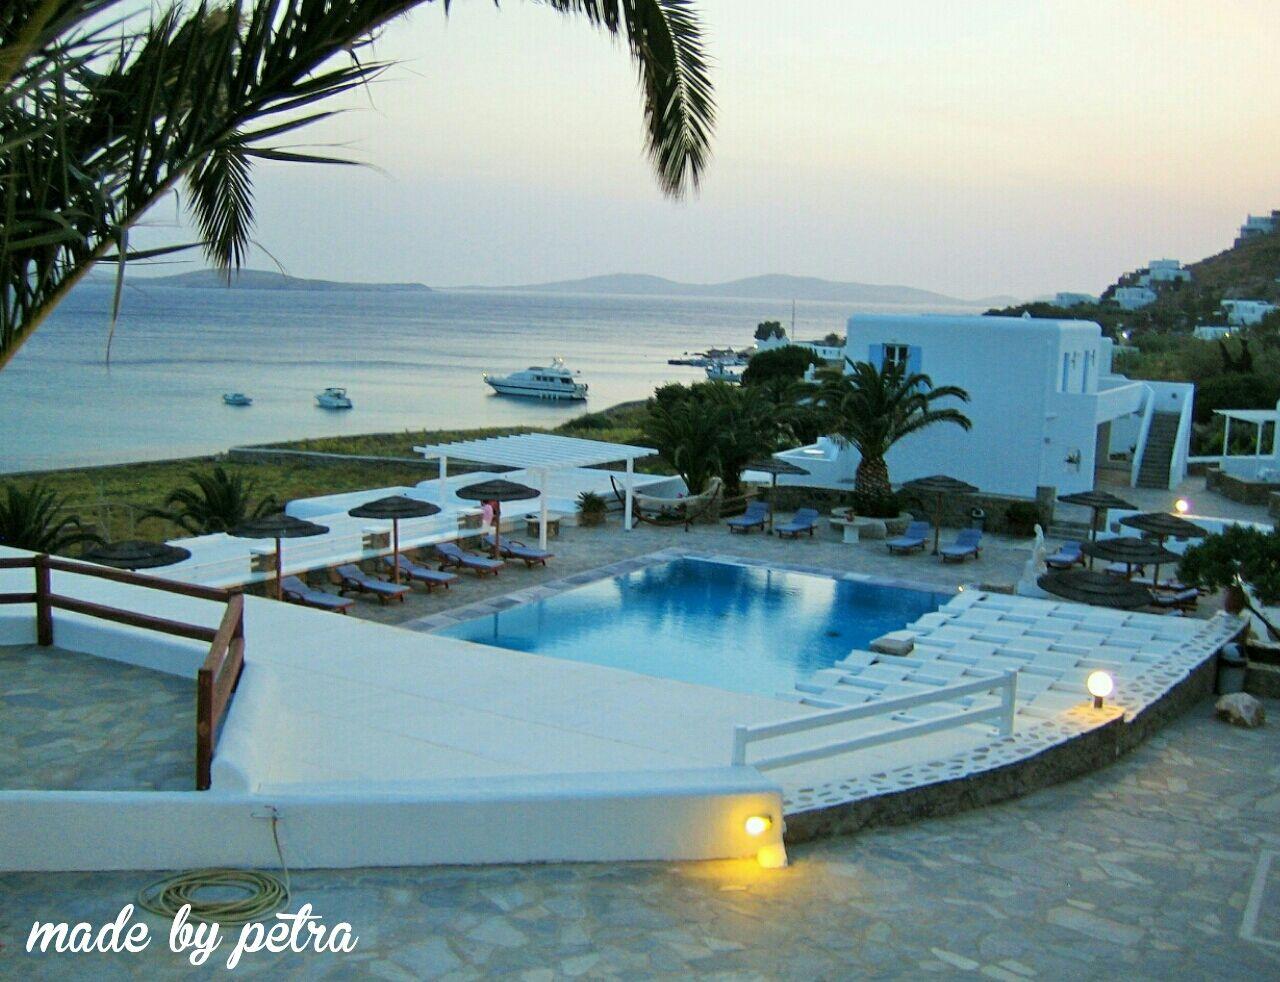 Hotel manoula s beach mykonosislandbeacheshotels